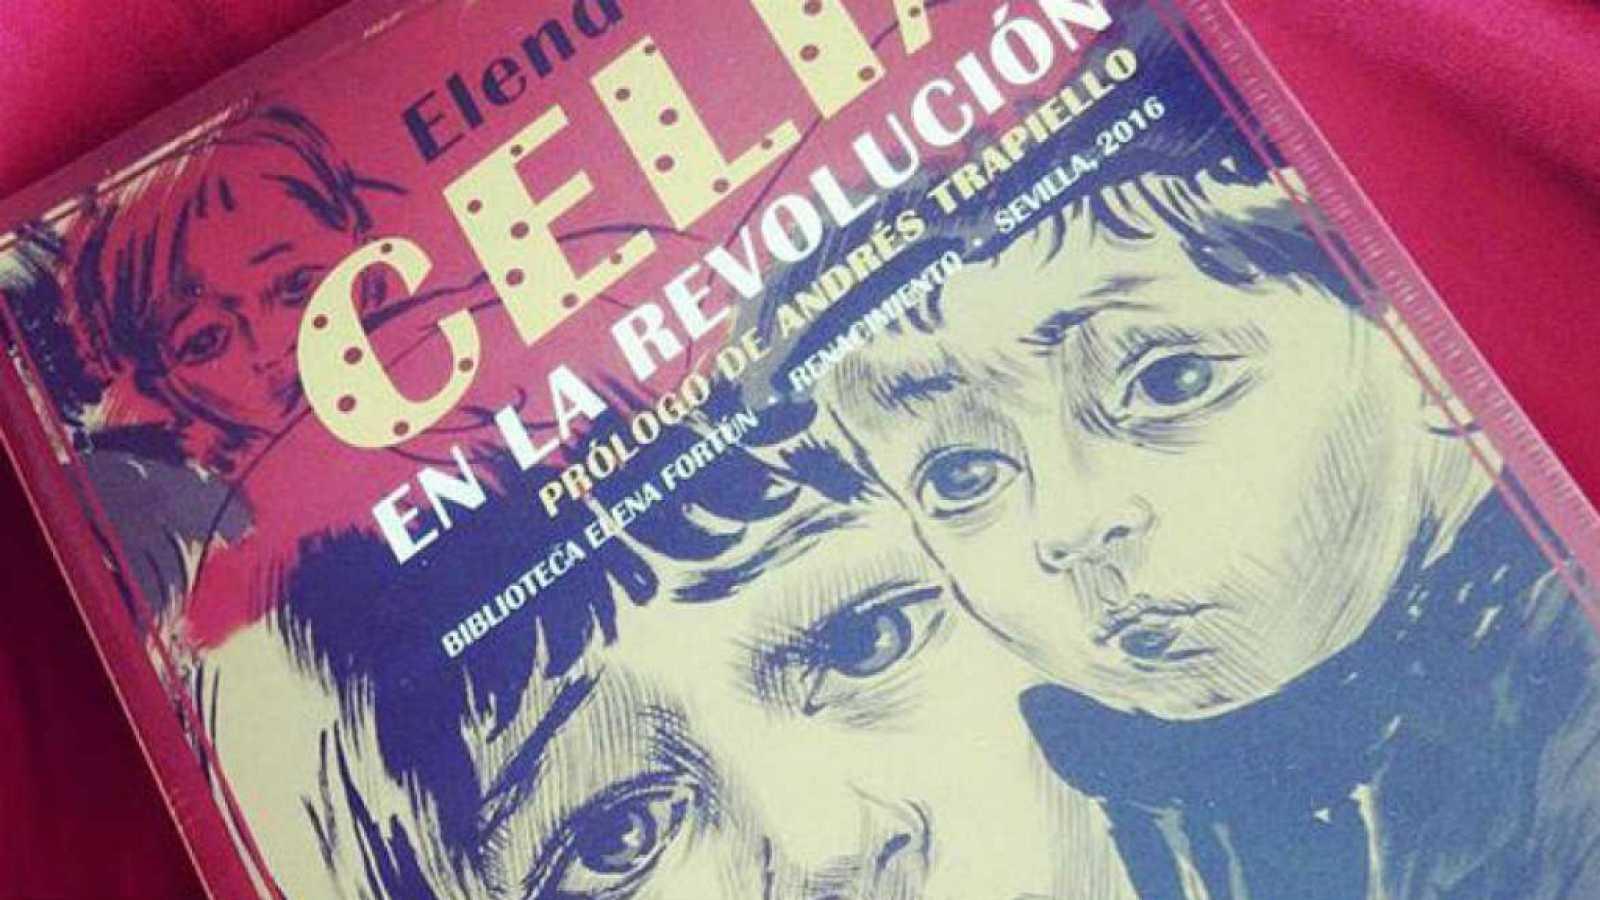 Esto me suena. Las tardes del Ciudadano García - 'Celia en la revolución', el eslabón perdido de la saga - Escuchar ahora